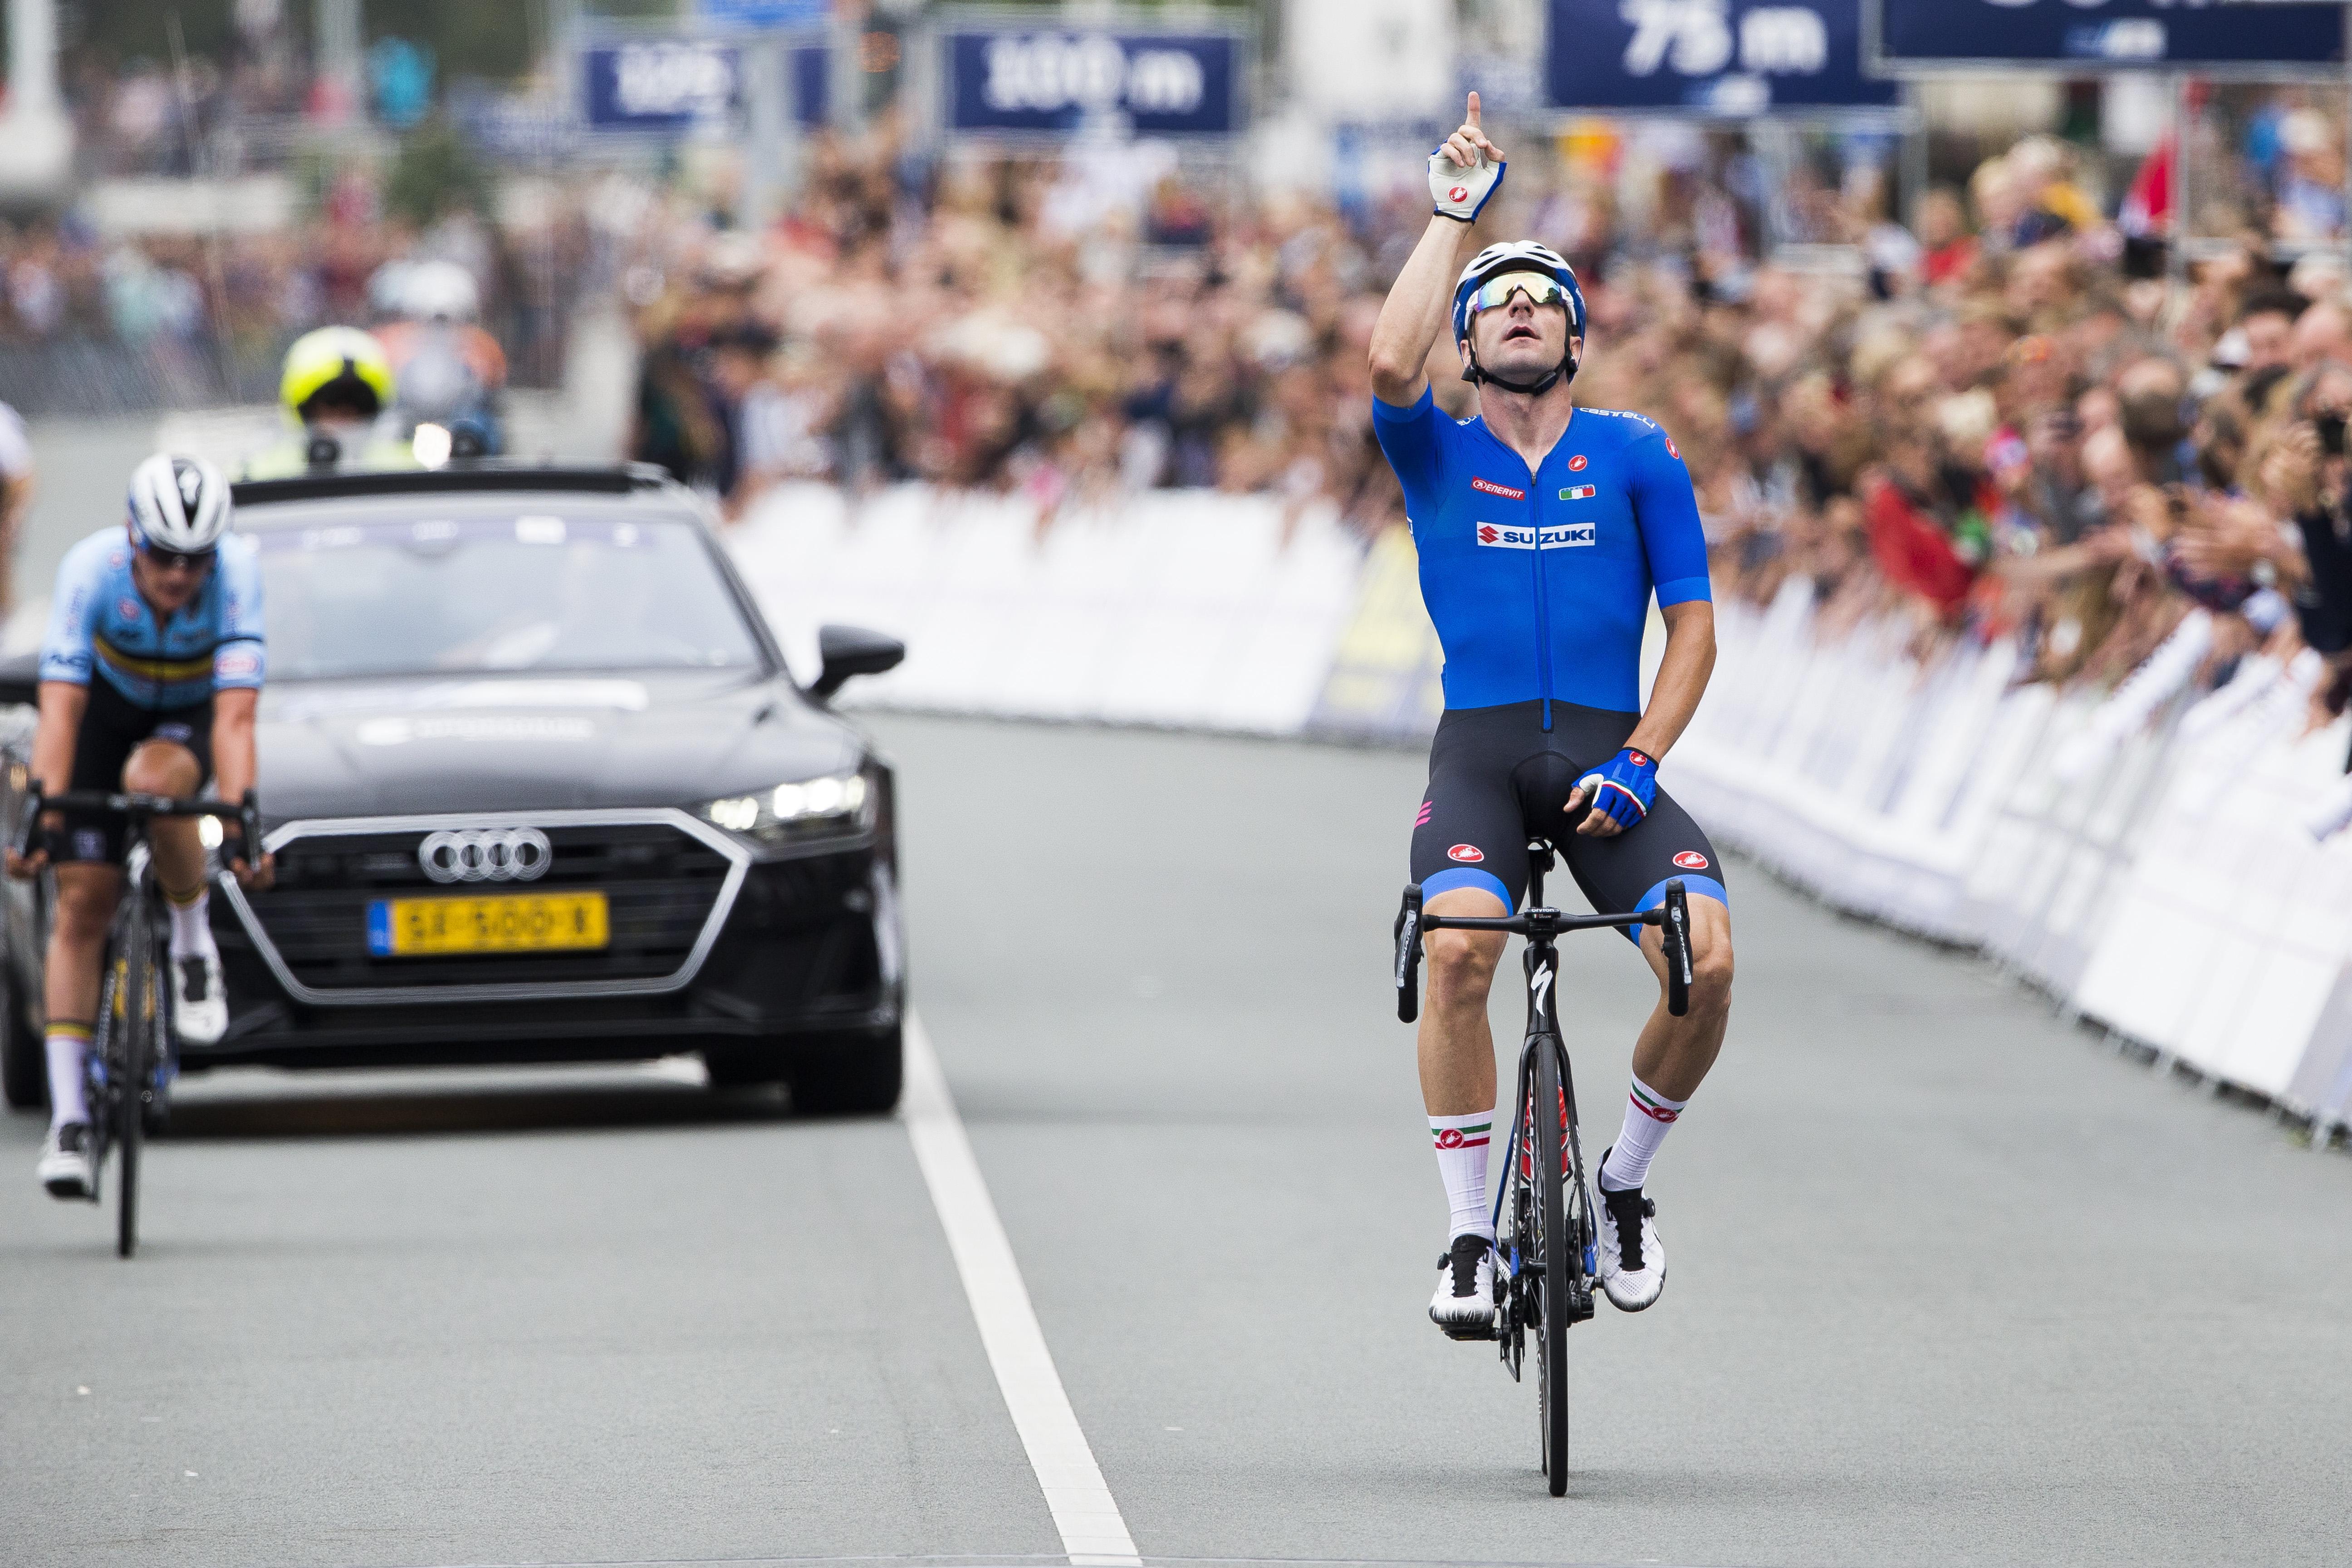 Vorstelijke zege Elia Viviani; Nederland afgetroefd door ijzersterke Italianen op EK wielrennen